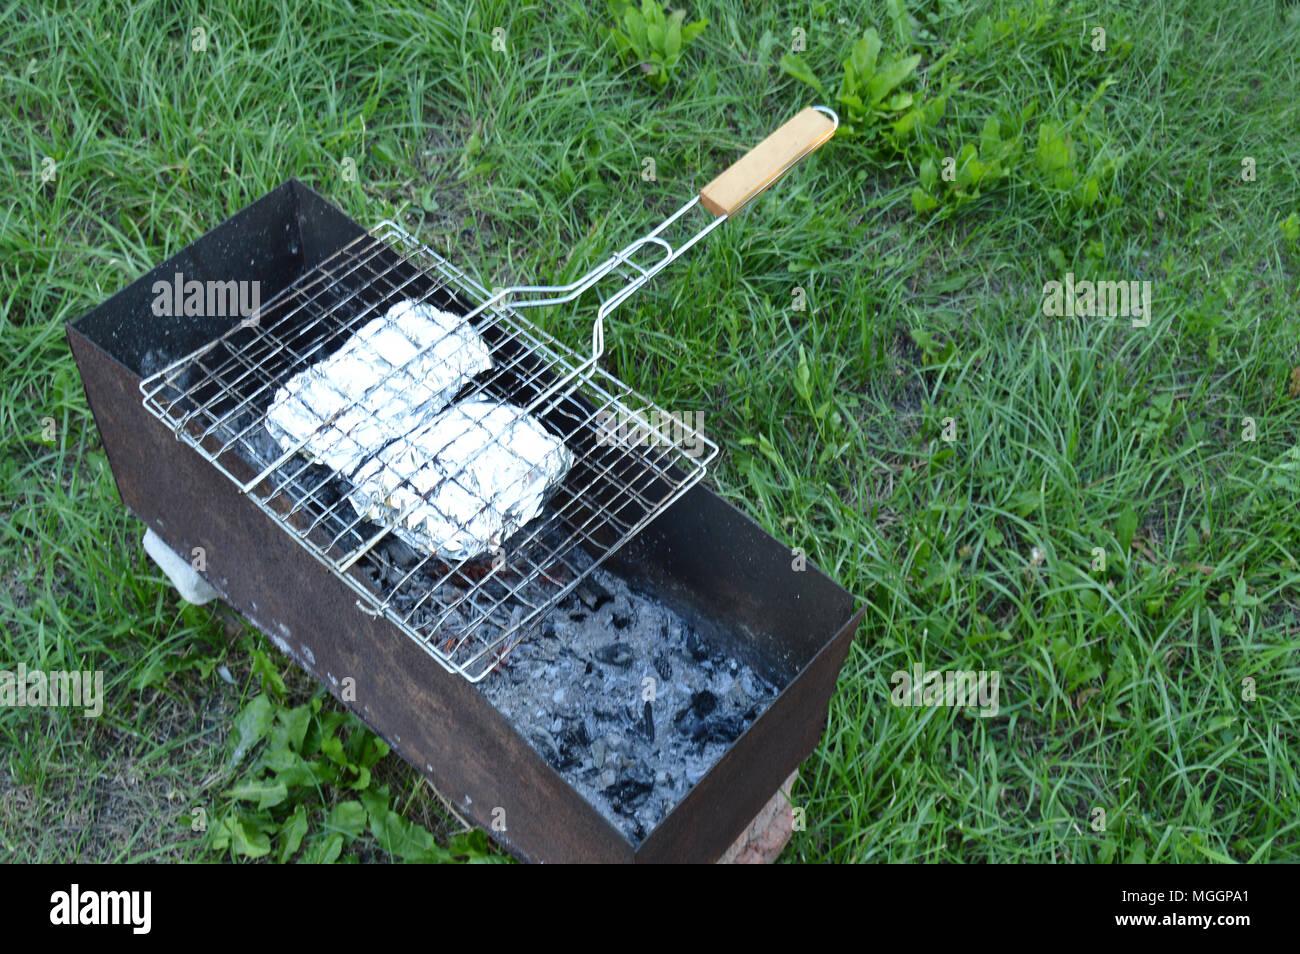 Grill Mit Fleisch Und Gemuse In Alufolie Auf Den Grill Kochen Auf